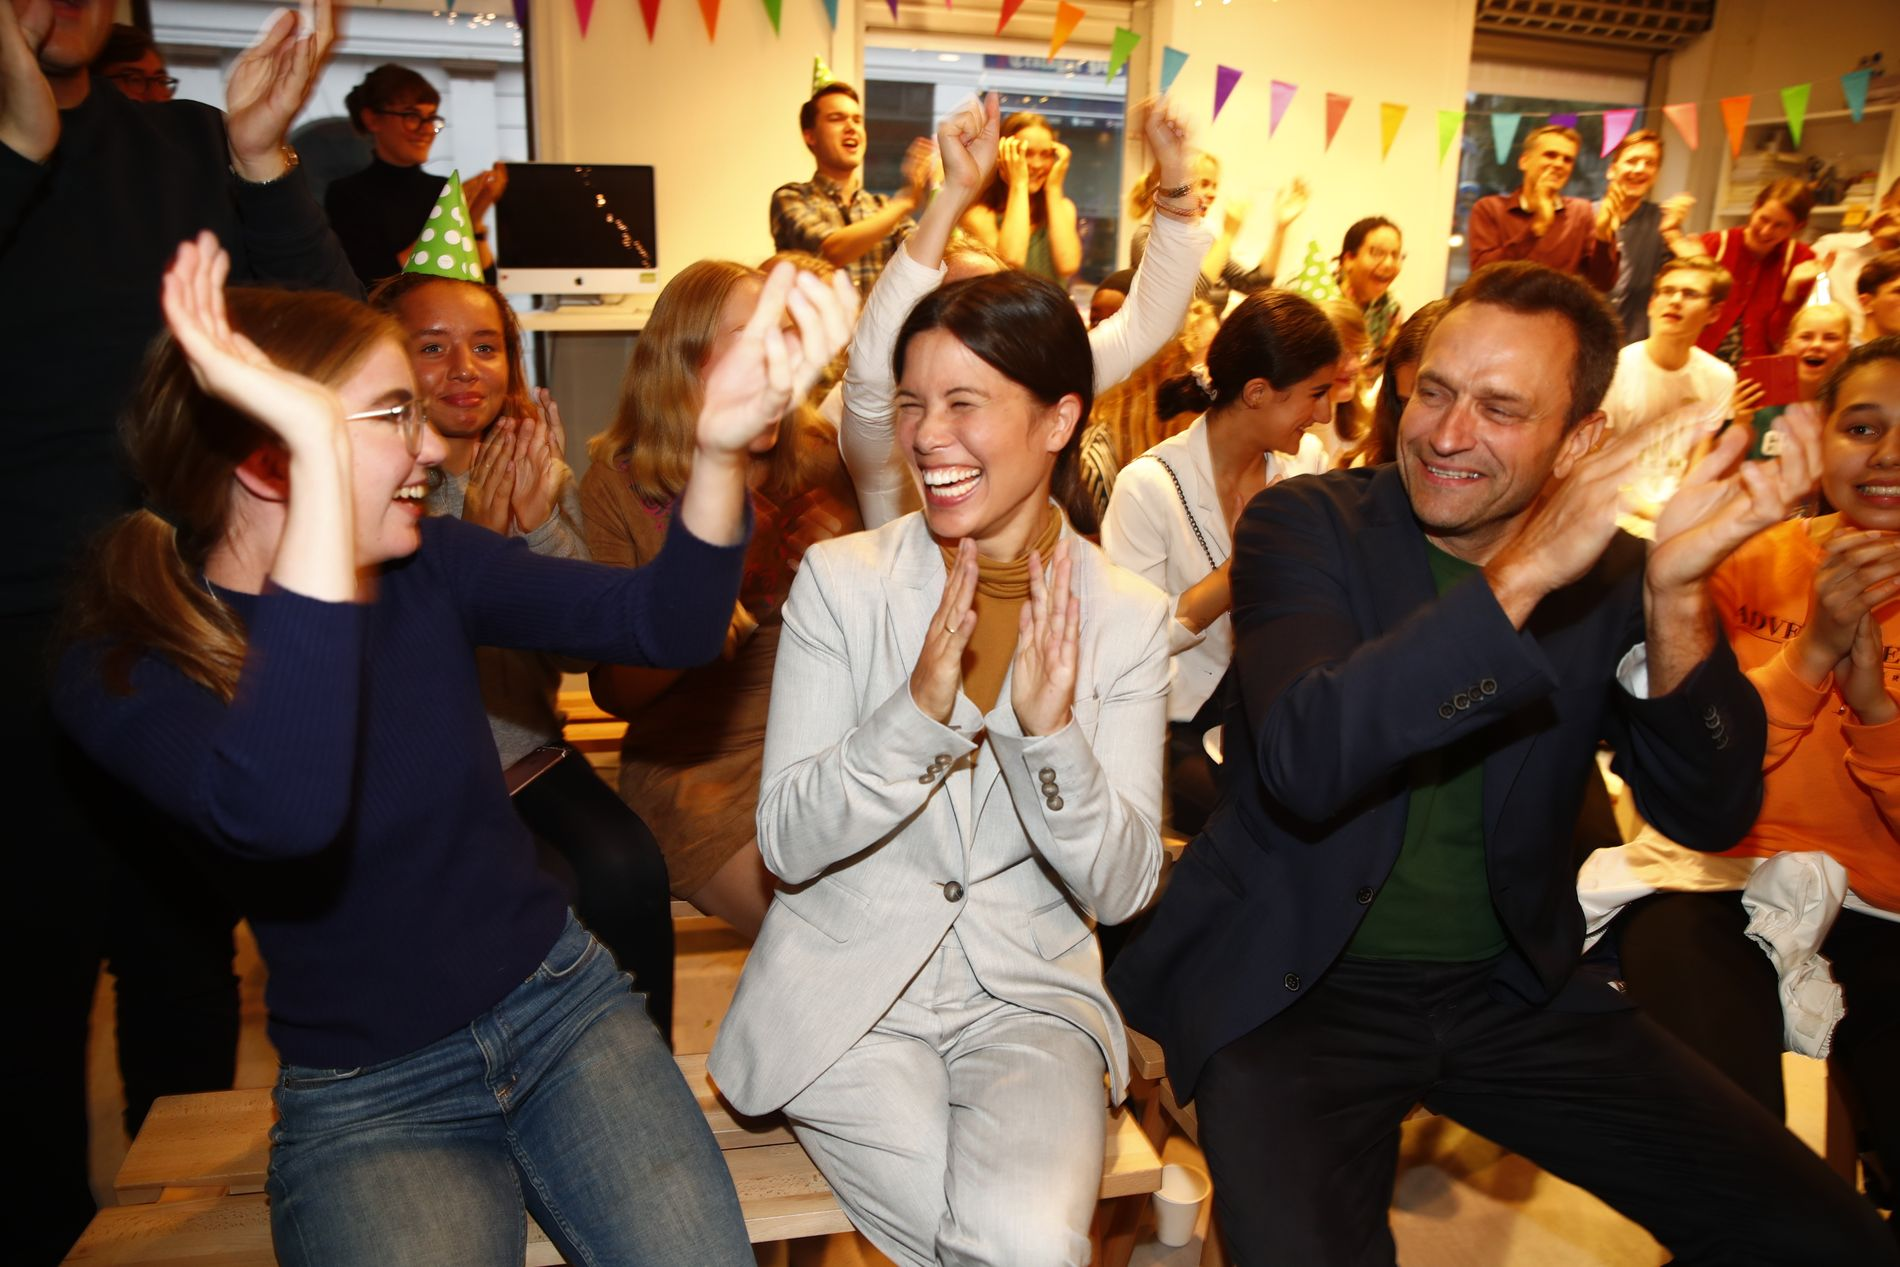 MILJØPARTIET: Det ble et brakvalg for MDG under skolevalget onsdag. Her jubler Lan Marie Berg, byråd for miljø og samferdsel i Oslo, sammen med Hulda Holtvedt fra Grønn Ungdom og nasjonal talsperson Arild Hermstad.